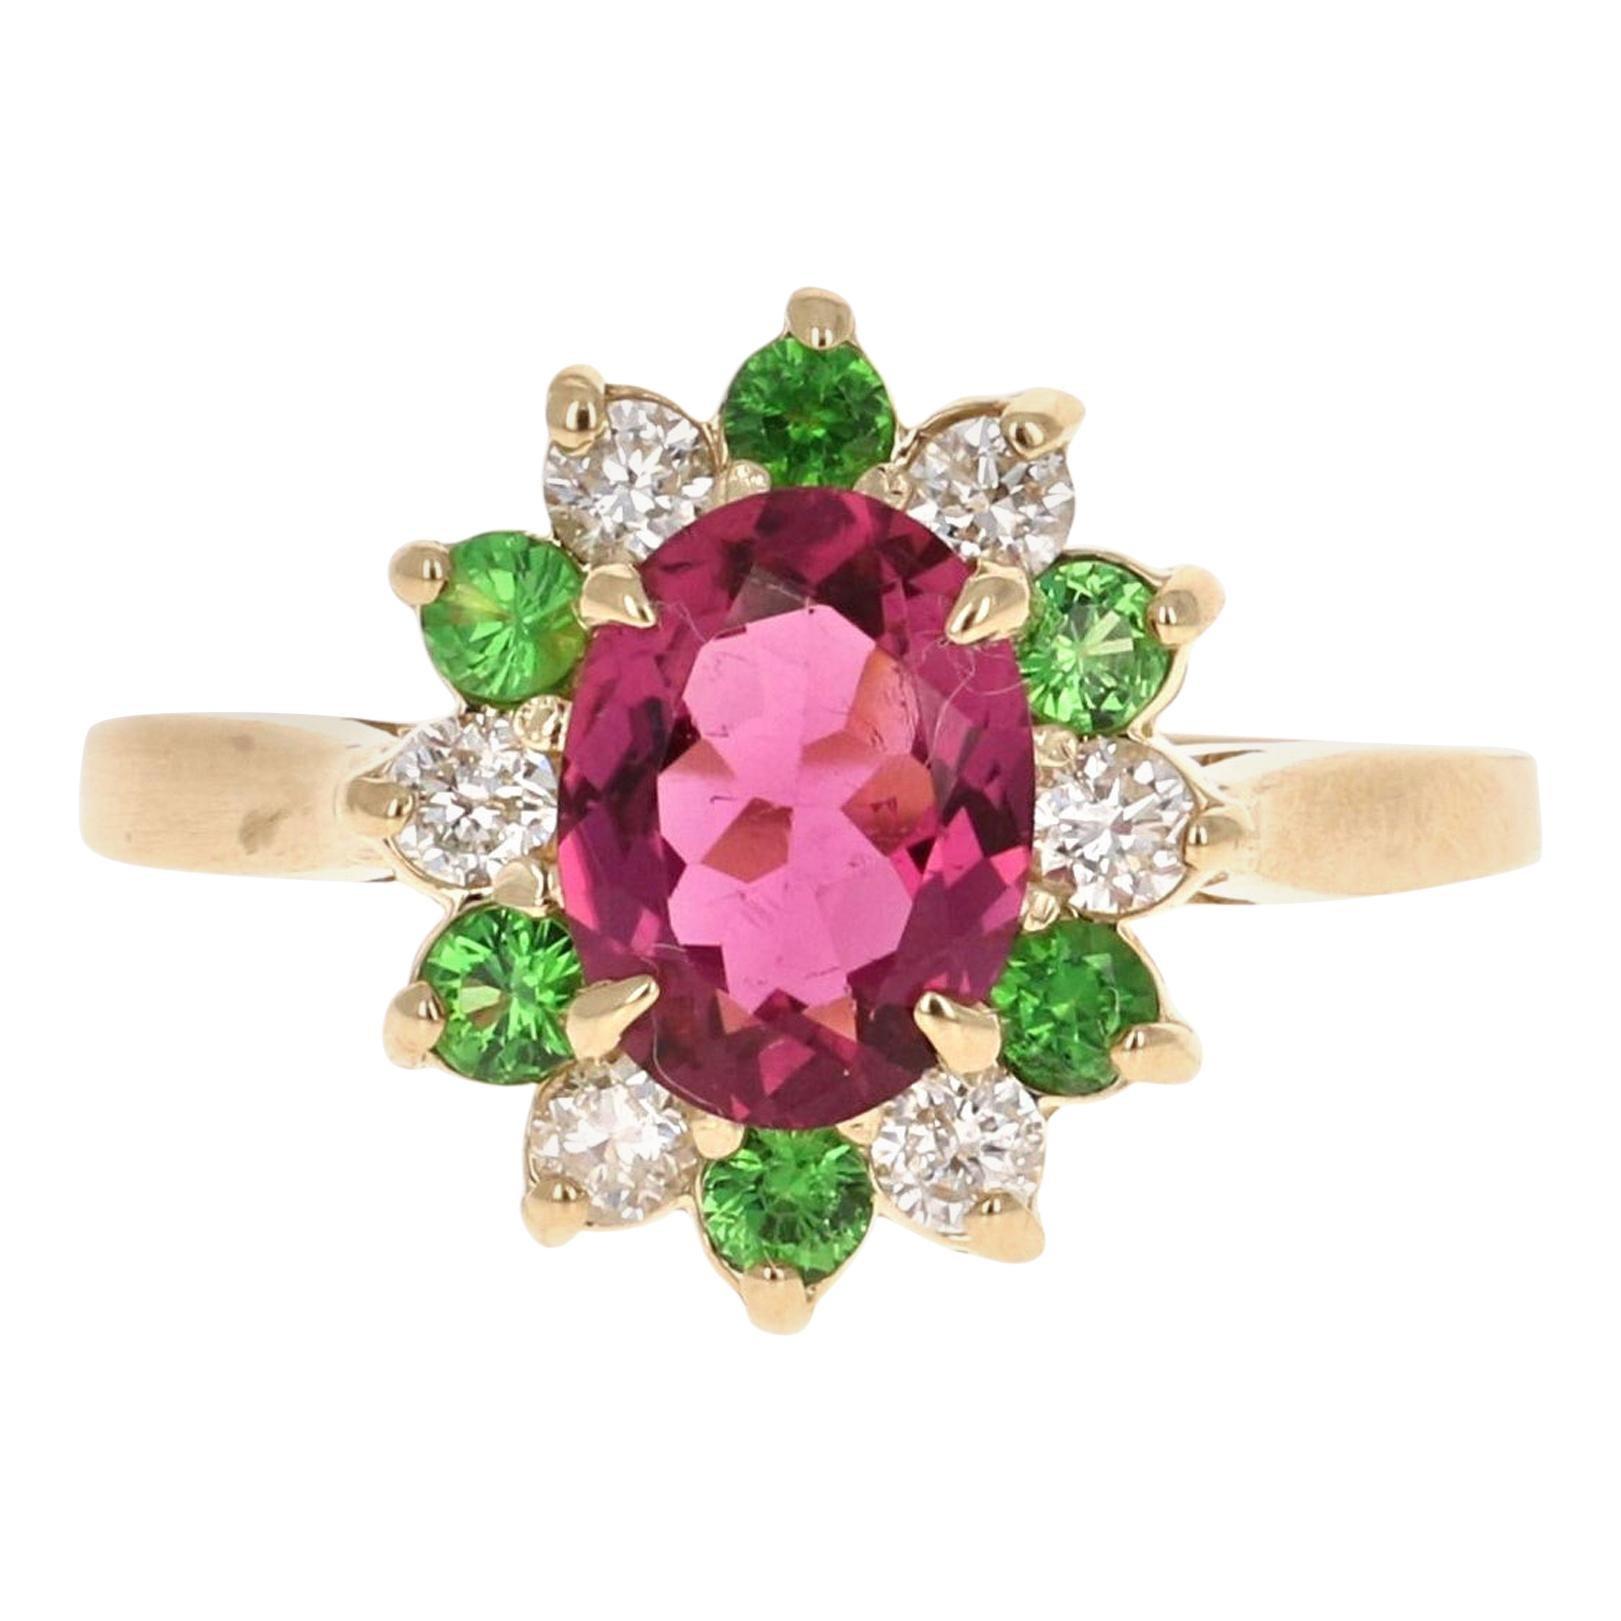 1.45 Carat Pink Tourmaline Tsavorite Diamond 14 Karat White Gold Ring